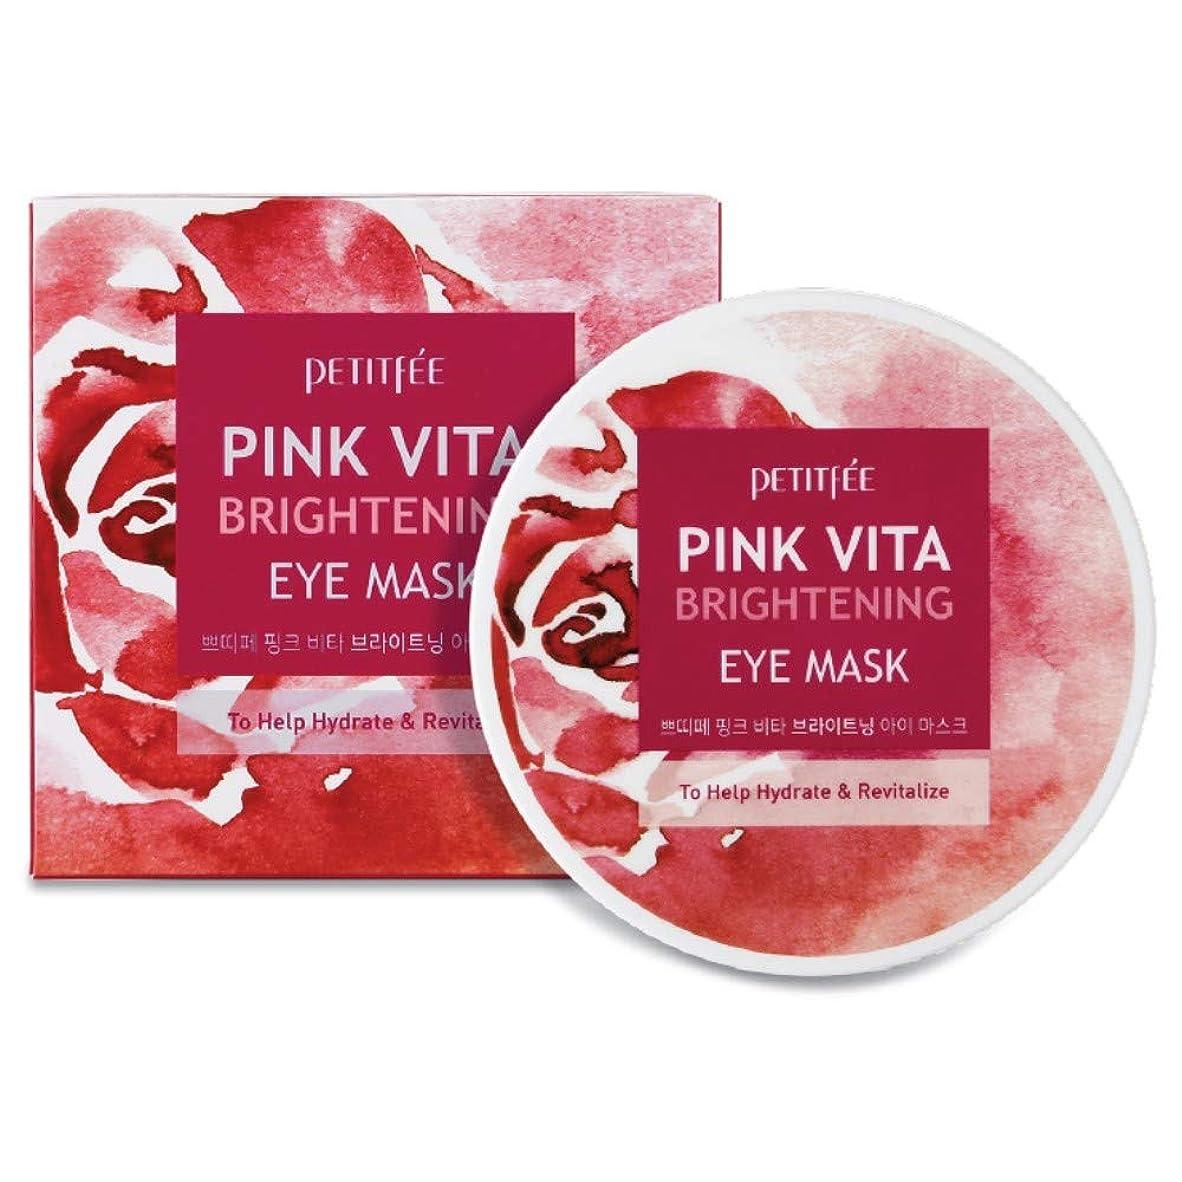 復活勘違いする行為PETITFEE プチペ ピンク ビタ ブライトニング アイ マスク/Pink Vita Brightening Eye Mask (60枚/30回分) [並行輸入品]